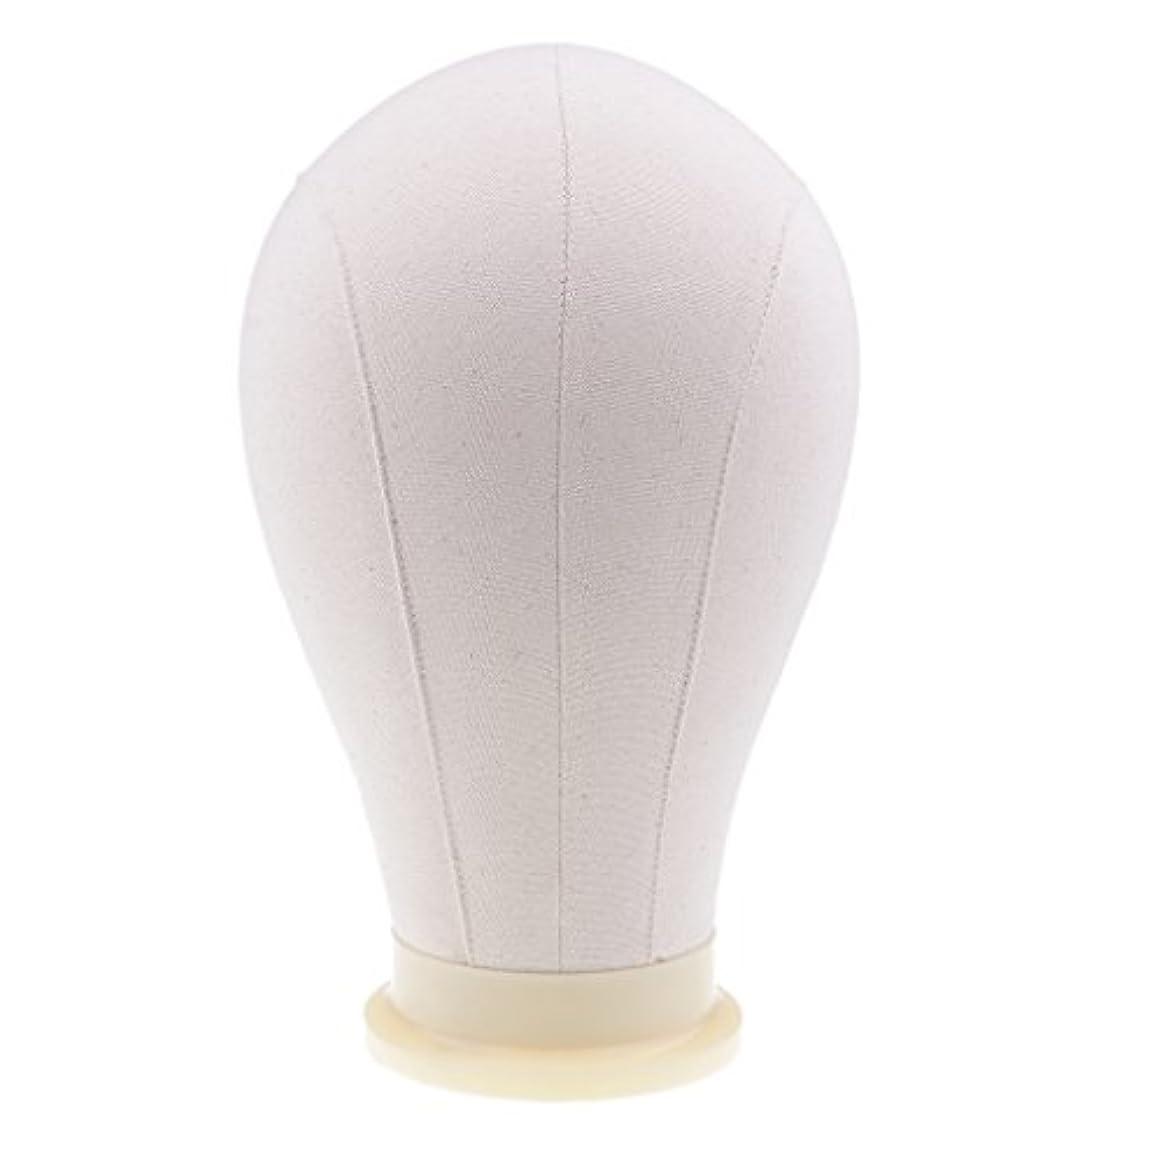 マウスピース否定する調整可能マネキンヘッド ウィッグ キャンバス 頭部モデル かつら 帽子 メガネ ディスプレイ ホルダー 4サイズ - 24インチ